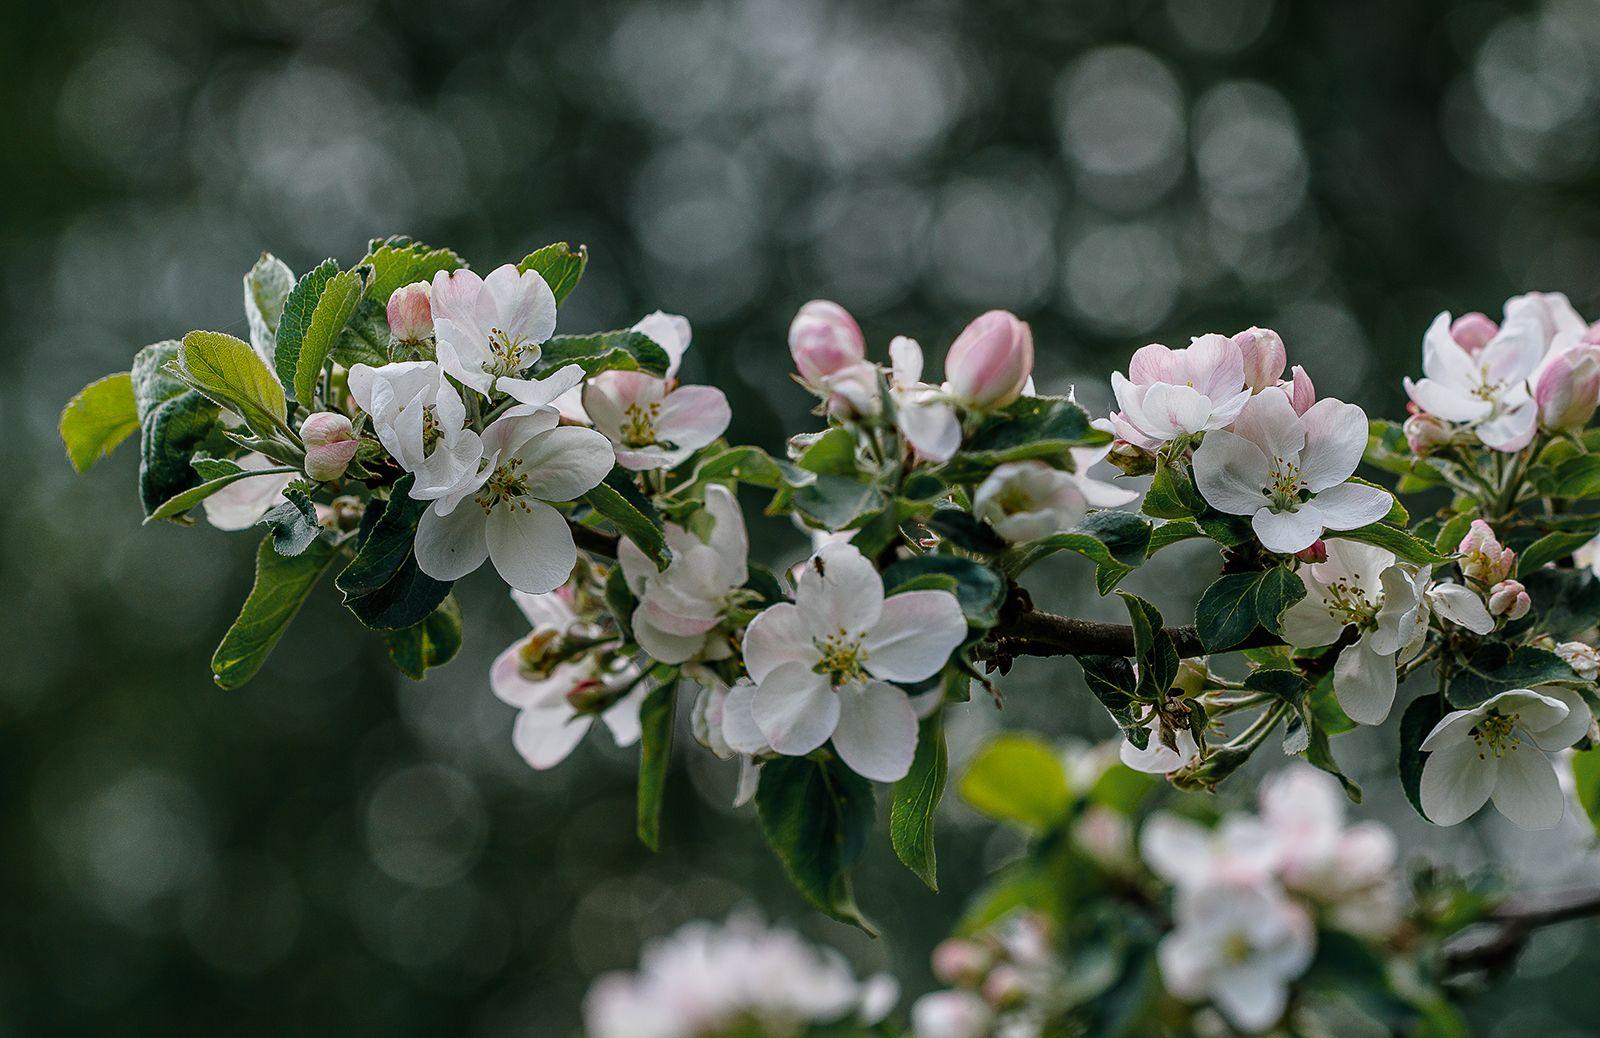 Яблони в цвету яблоня яблоневый цвет